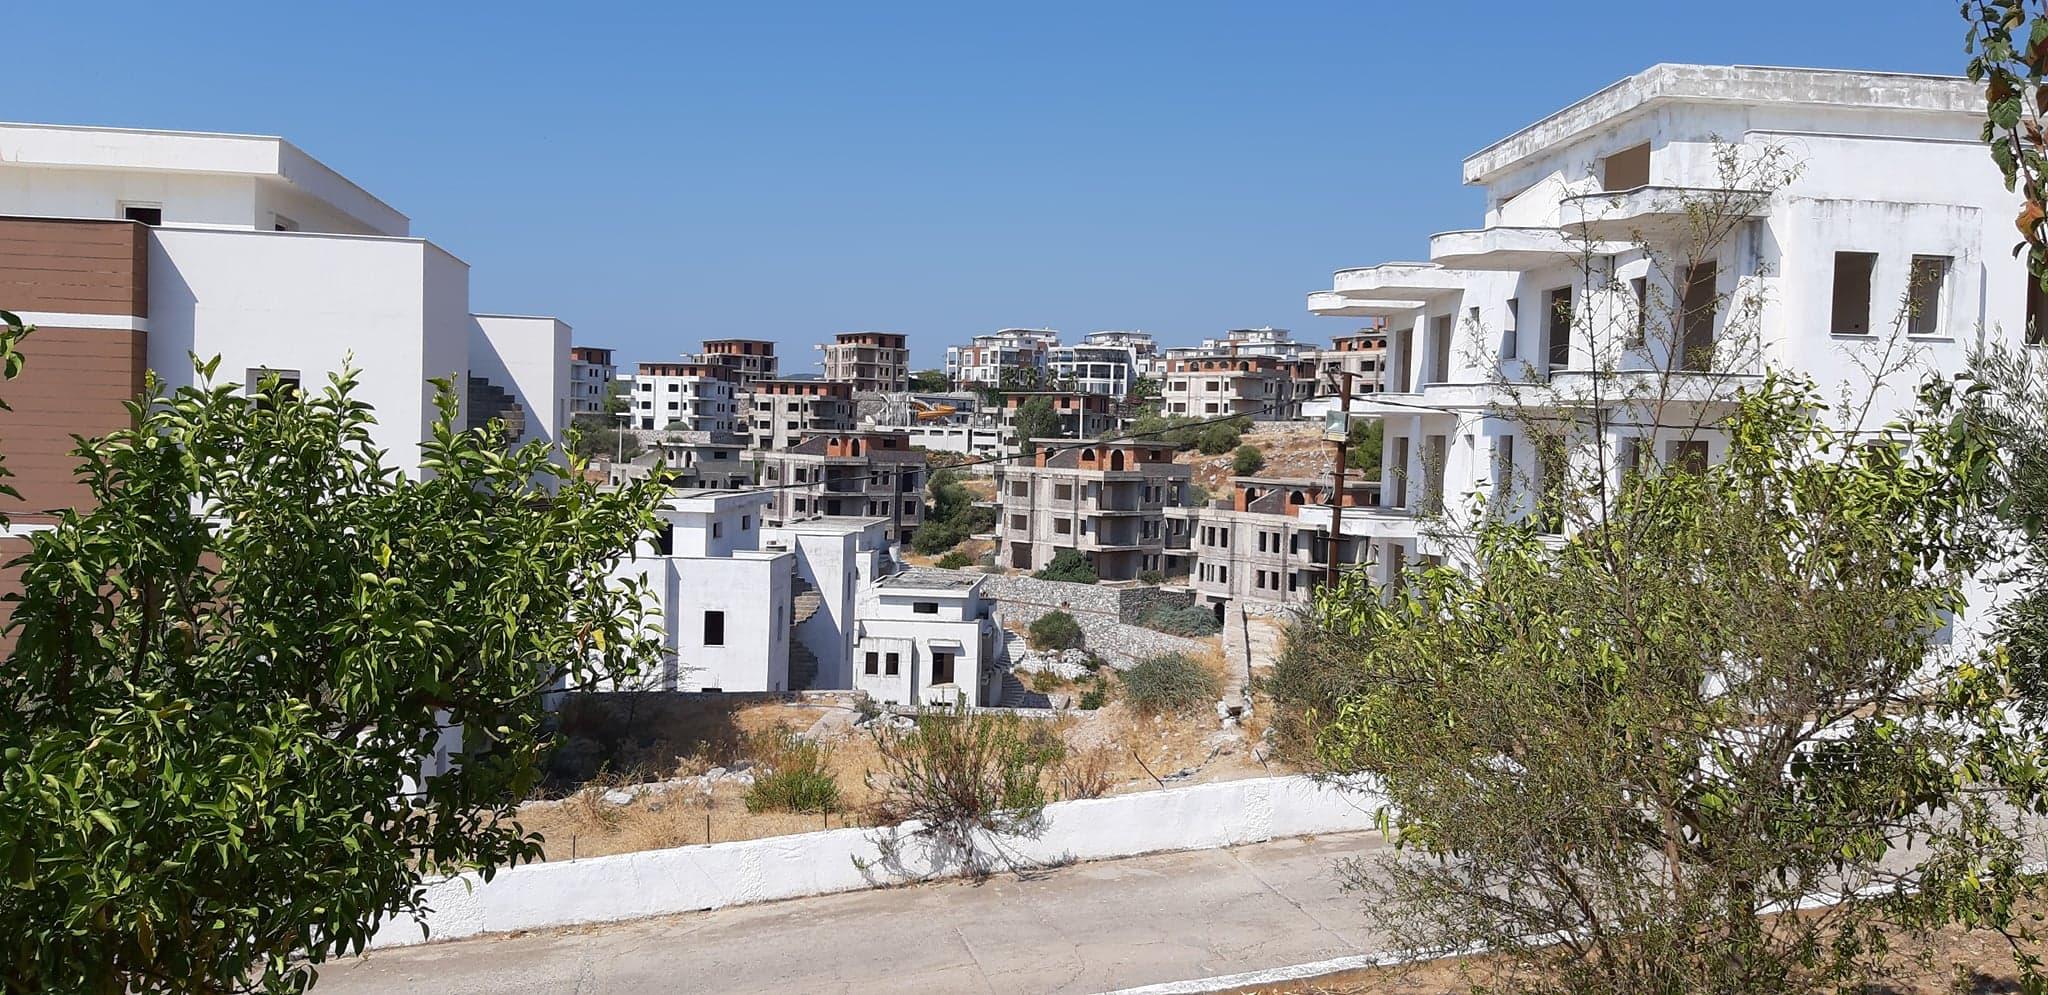 Milas İasos'ta villa mezarlığı